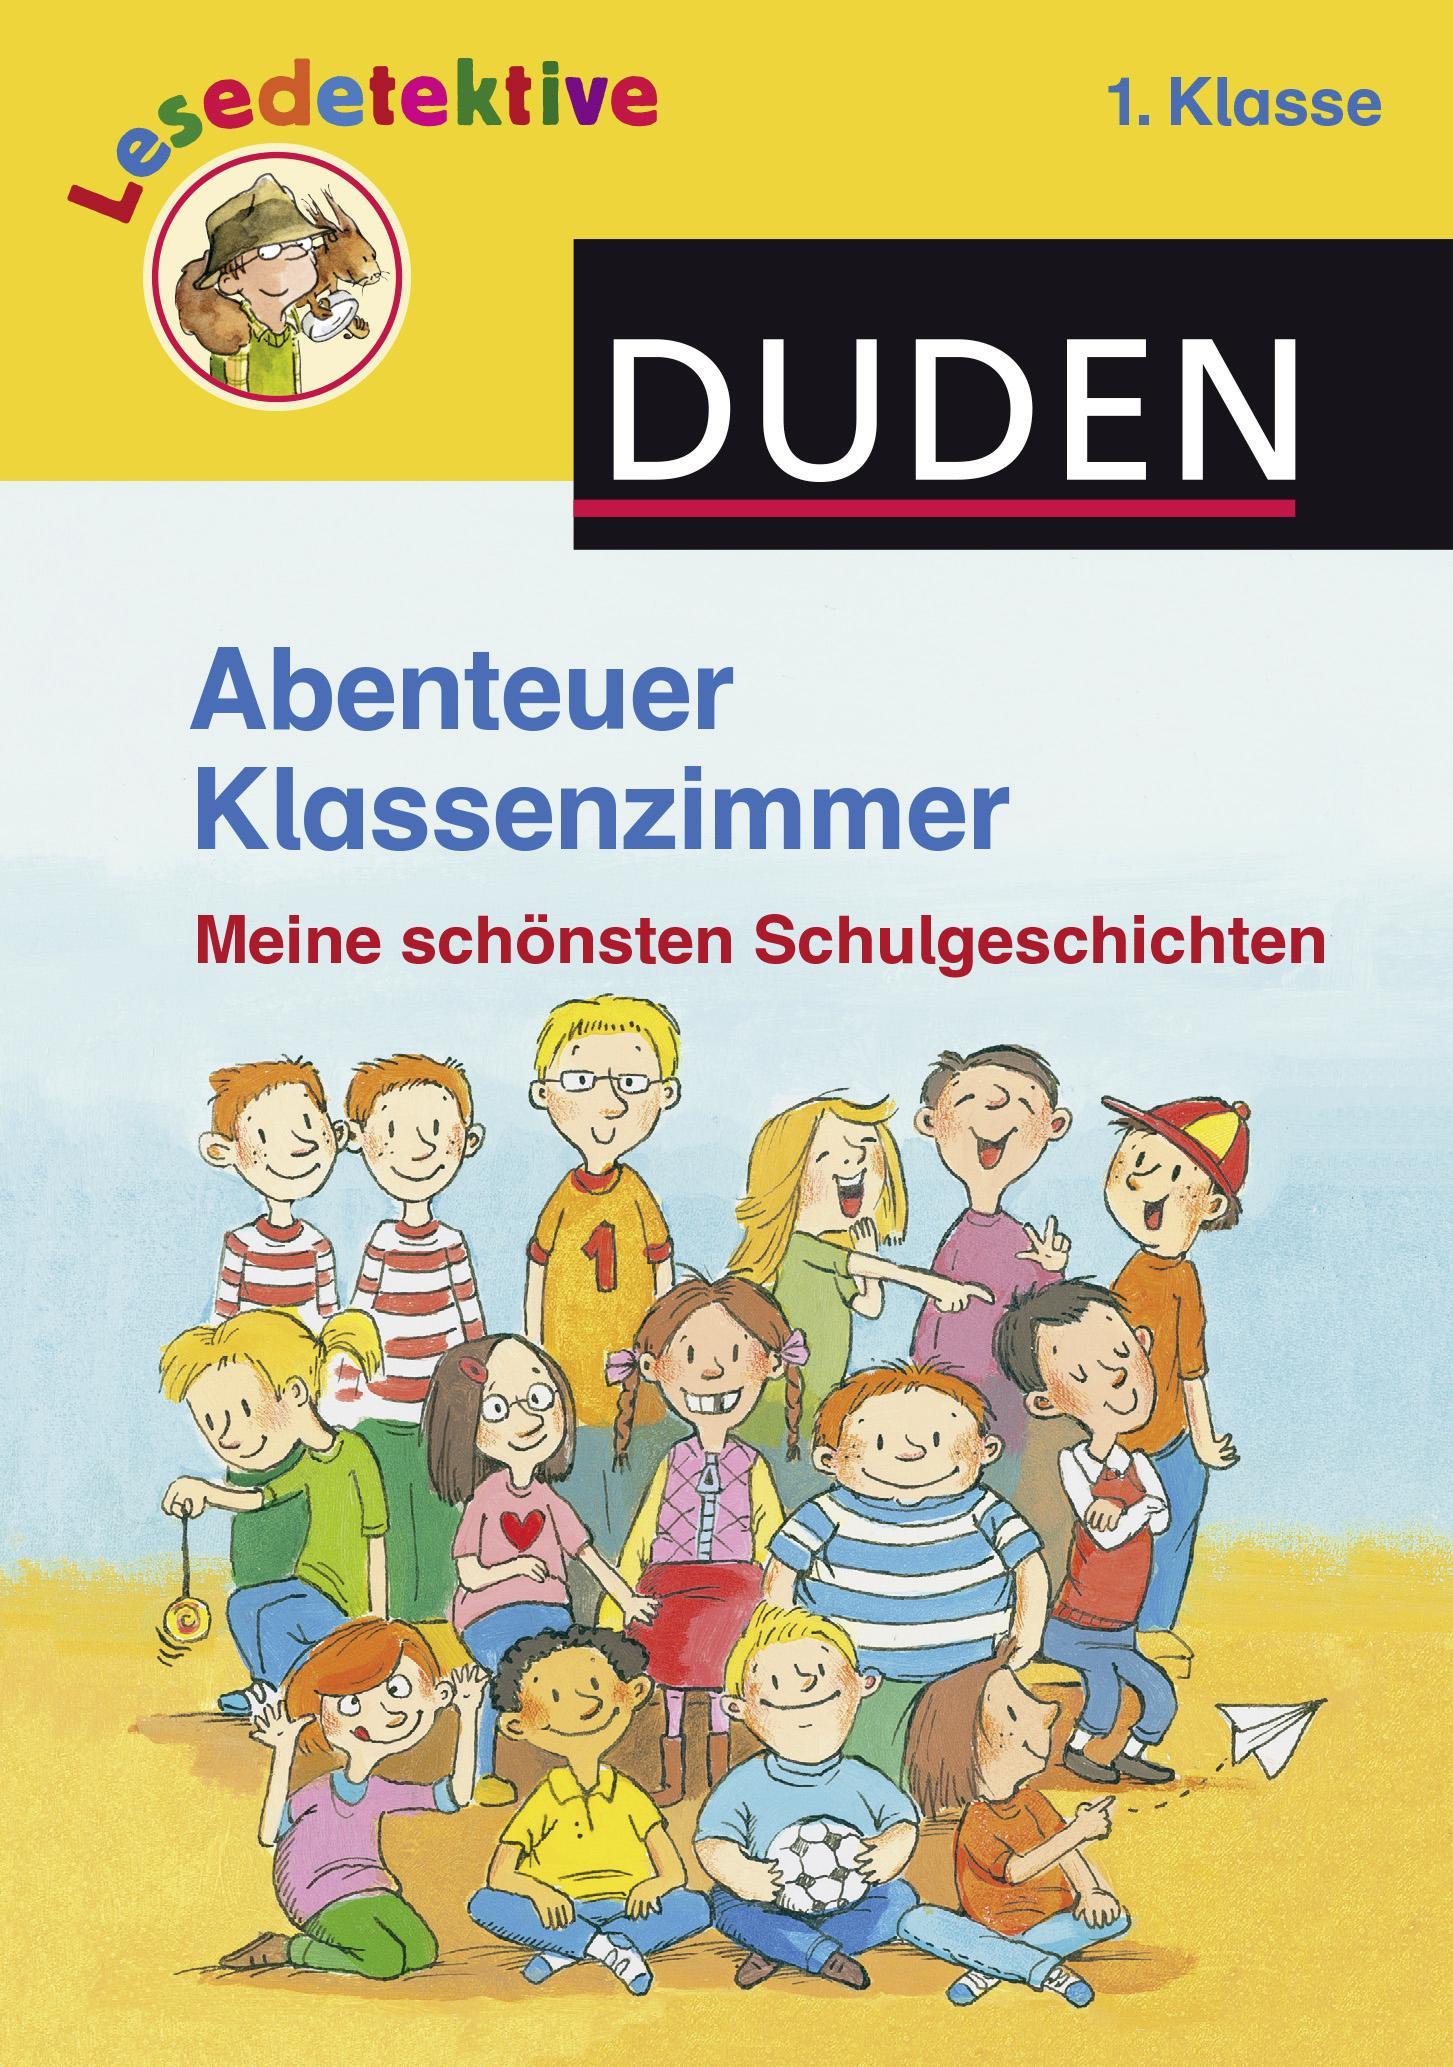 Abenteuer-Klassenzimmer-1-Klasse-Martin-Klein